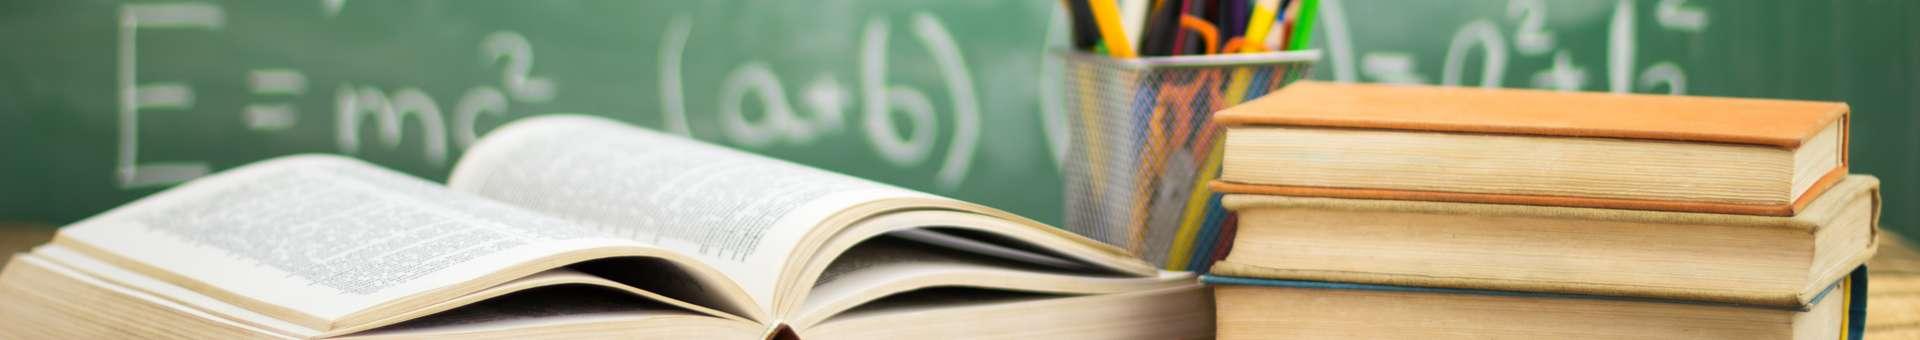 Búsqueda de información Whois de nombres de dominios  .education